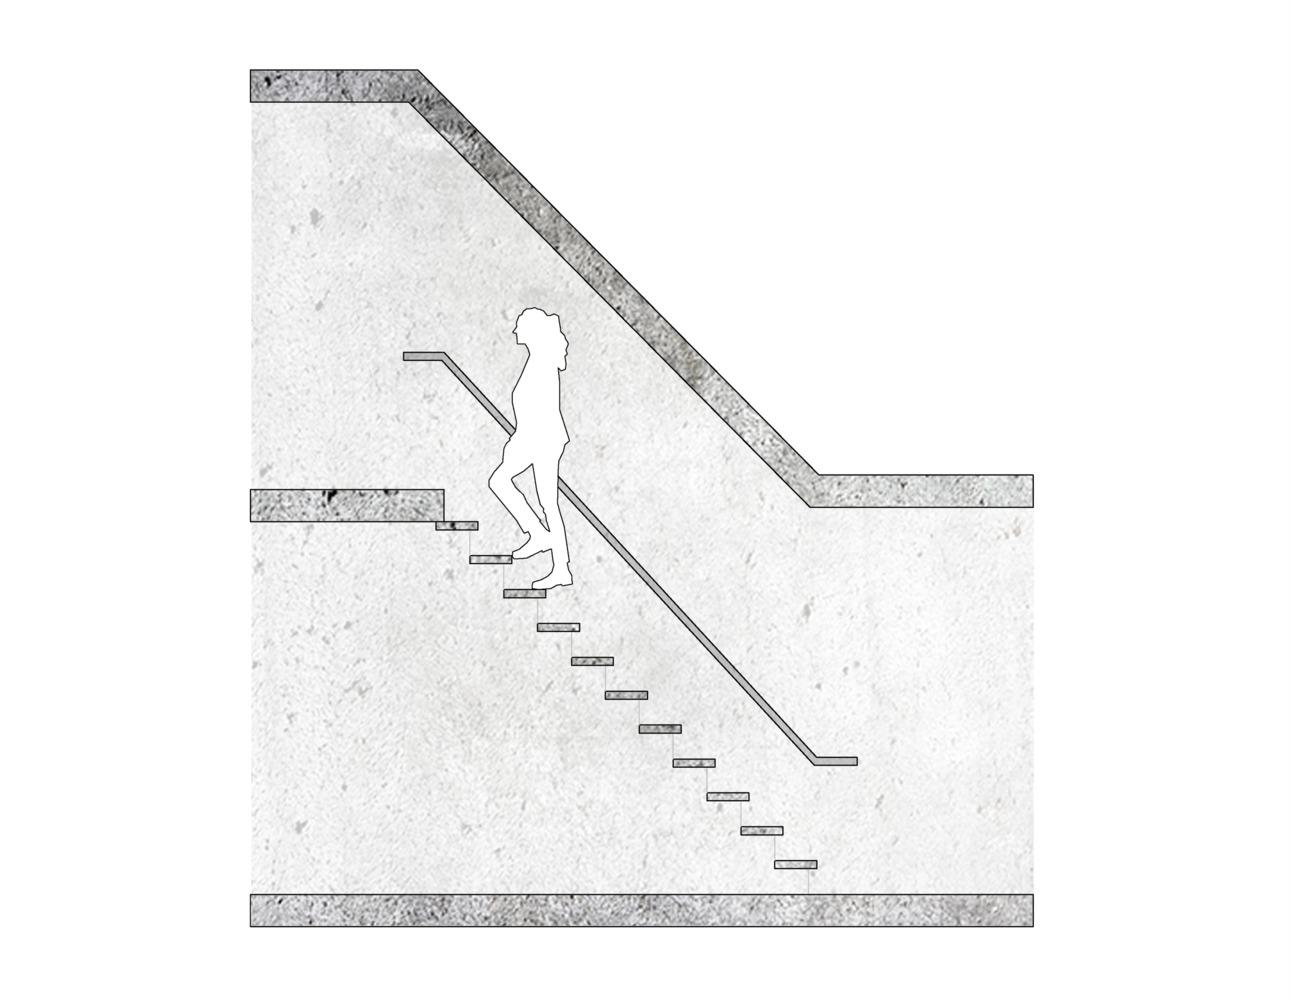 ¿Cómo diseñar y calcular una escalera?,Relación 21x21 cm / ejemplo esquemático. Image © José Tomás Franco